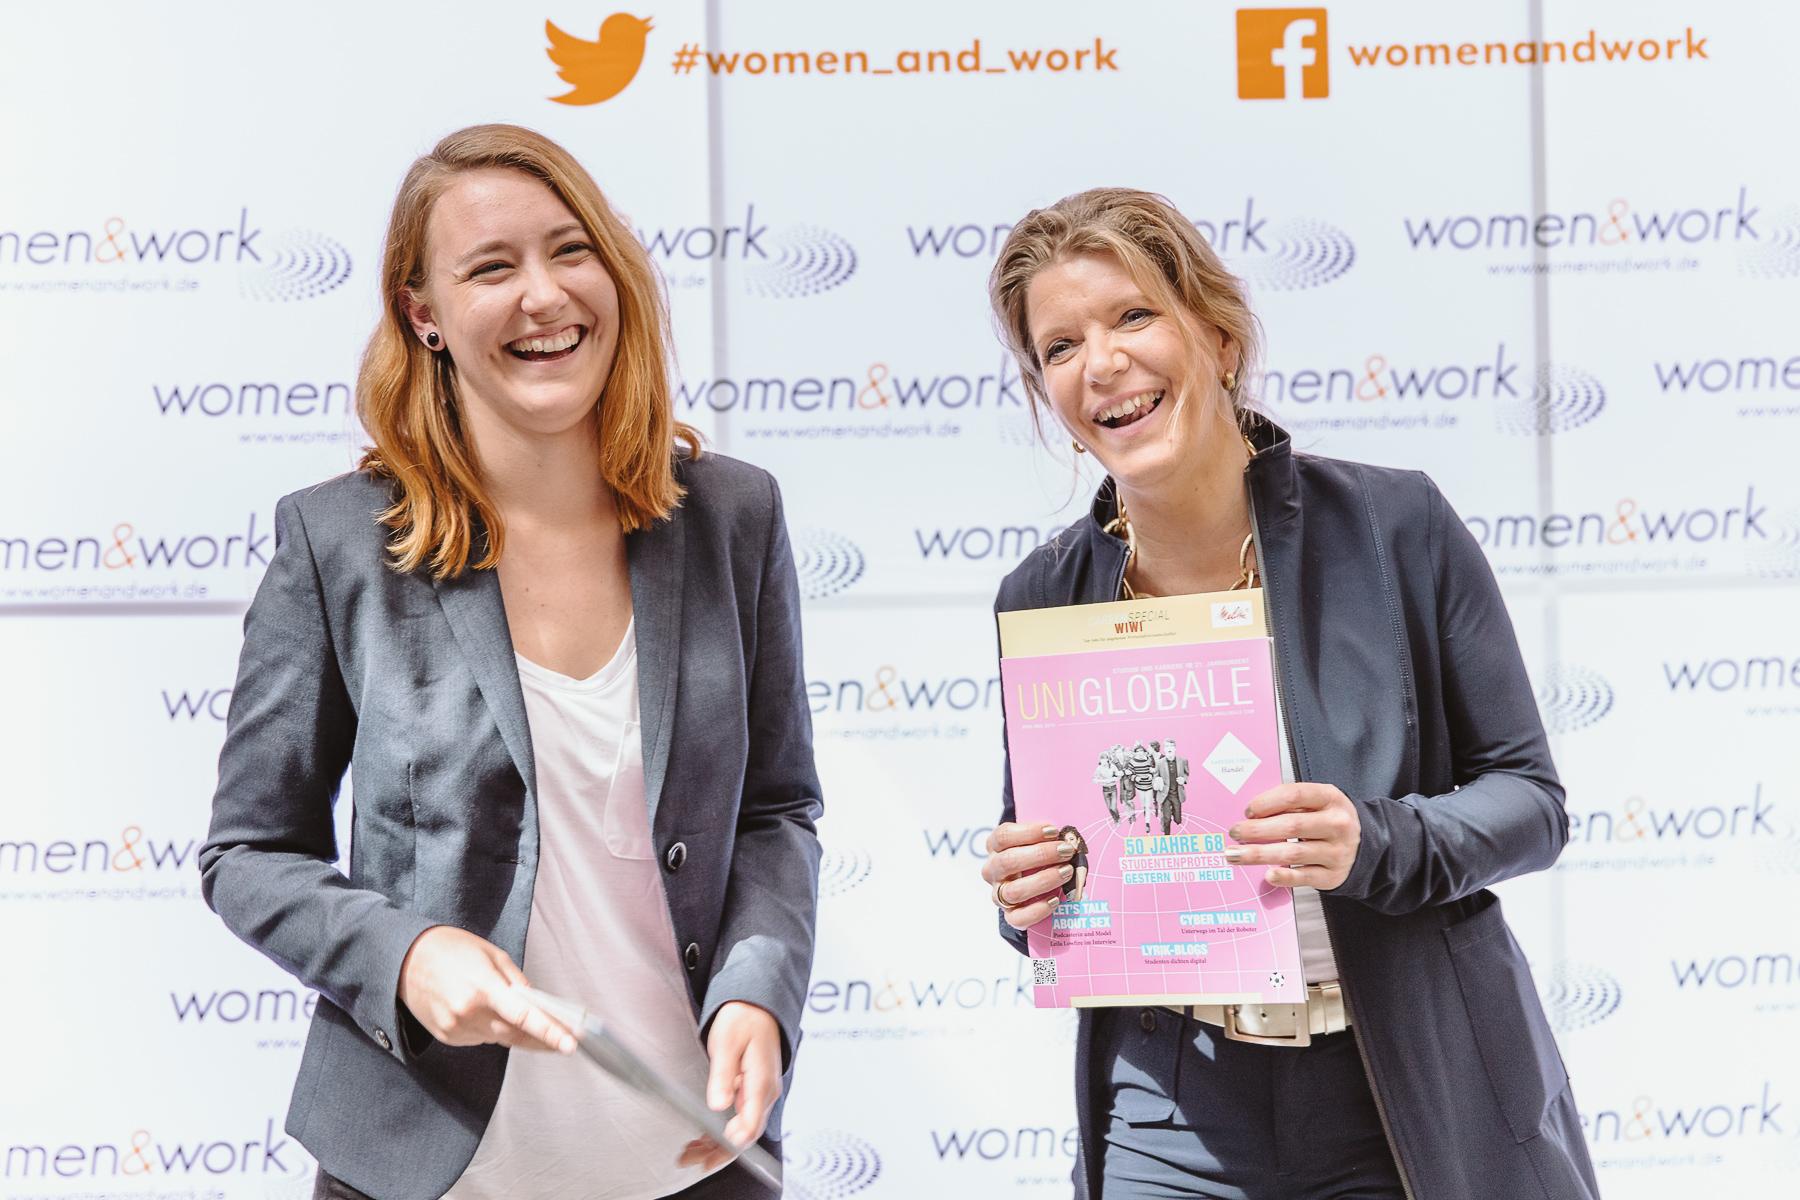 Kongressfotografie - women&work - Melanie Vogel mit Gewinnerin von Erfinderinnenpreis